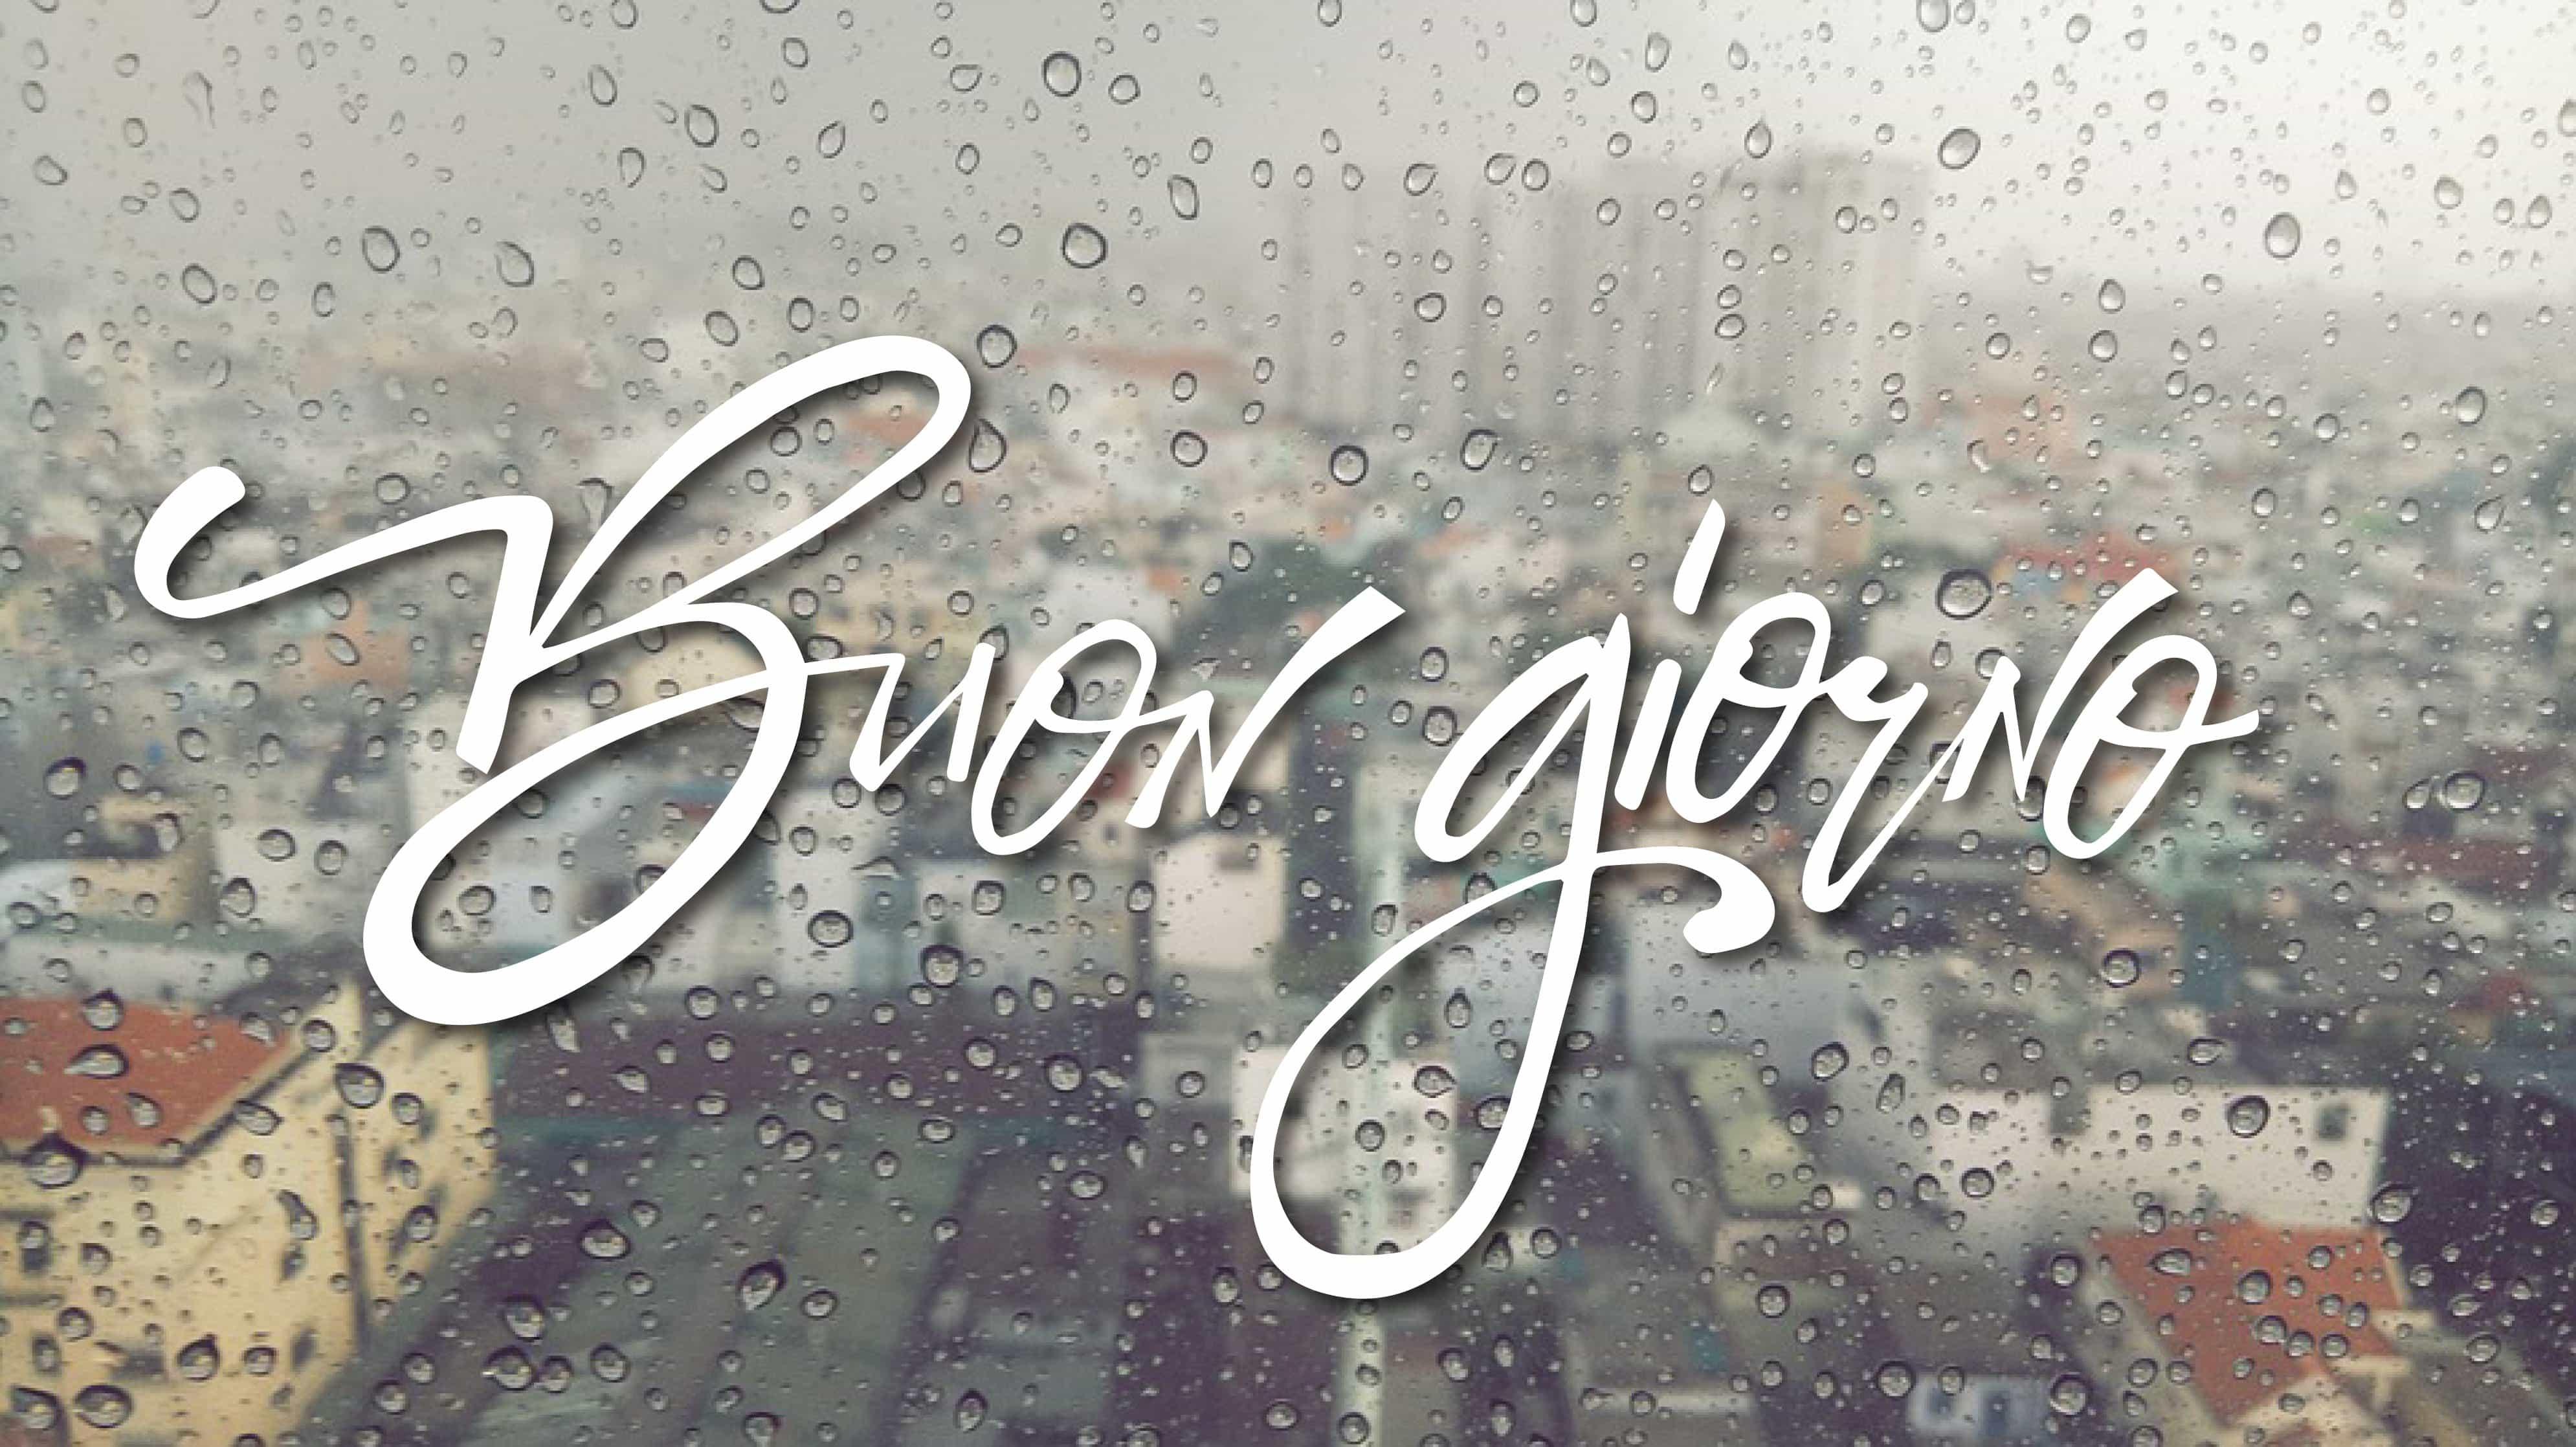 Buona giornata cittá piove buongiorno sotto pioggia